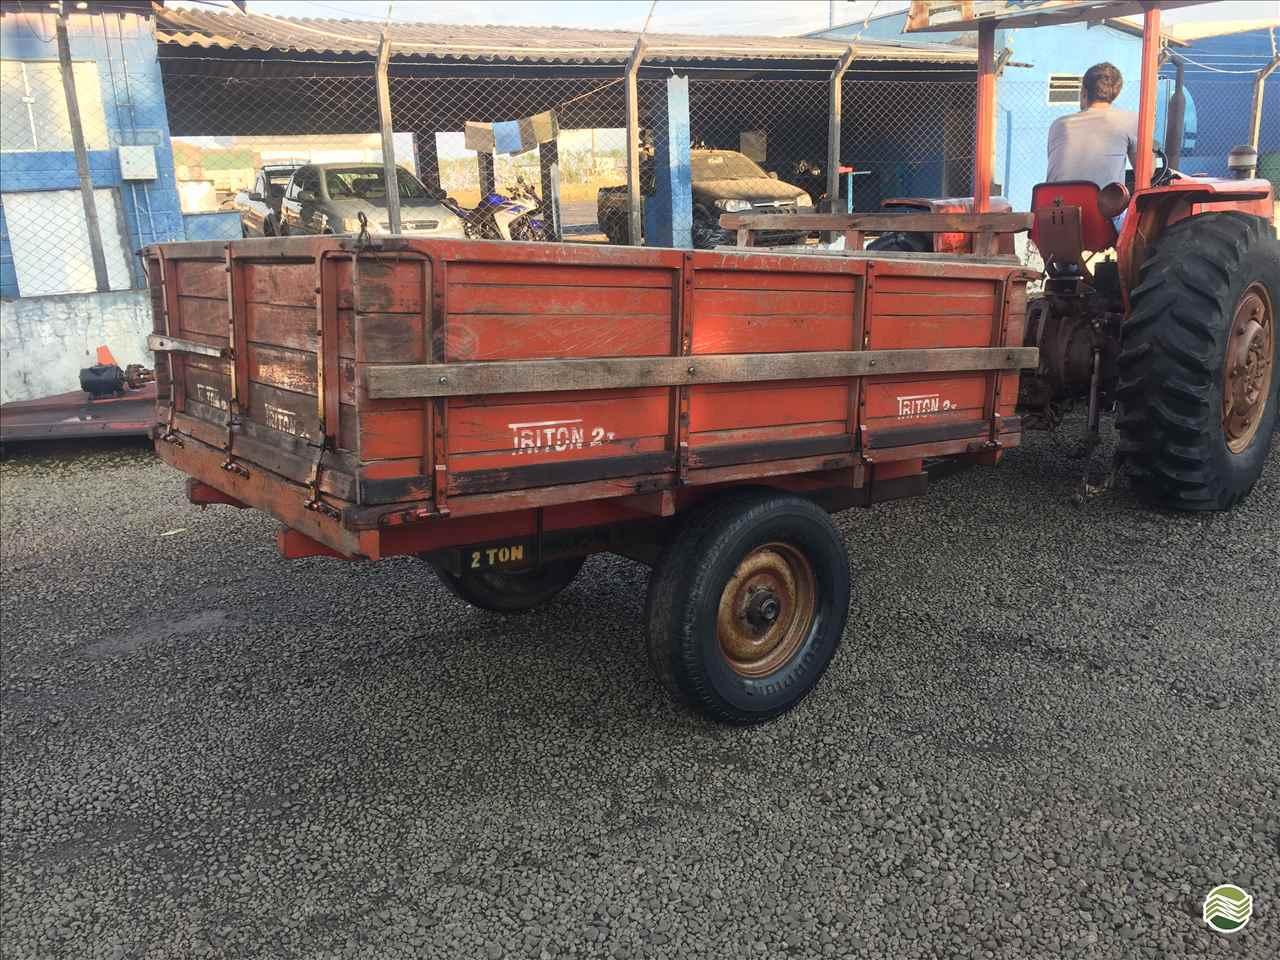 IMPLEMENTOS AGRICOLAS CARRETA AGRÍCOLA CARRETA BASCULANTE Limeira Tratores LIMEIRA SÃO PAULO SP